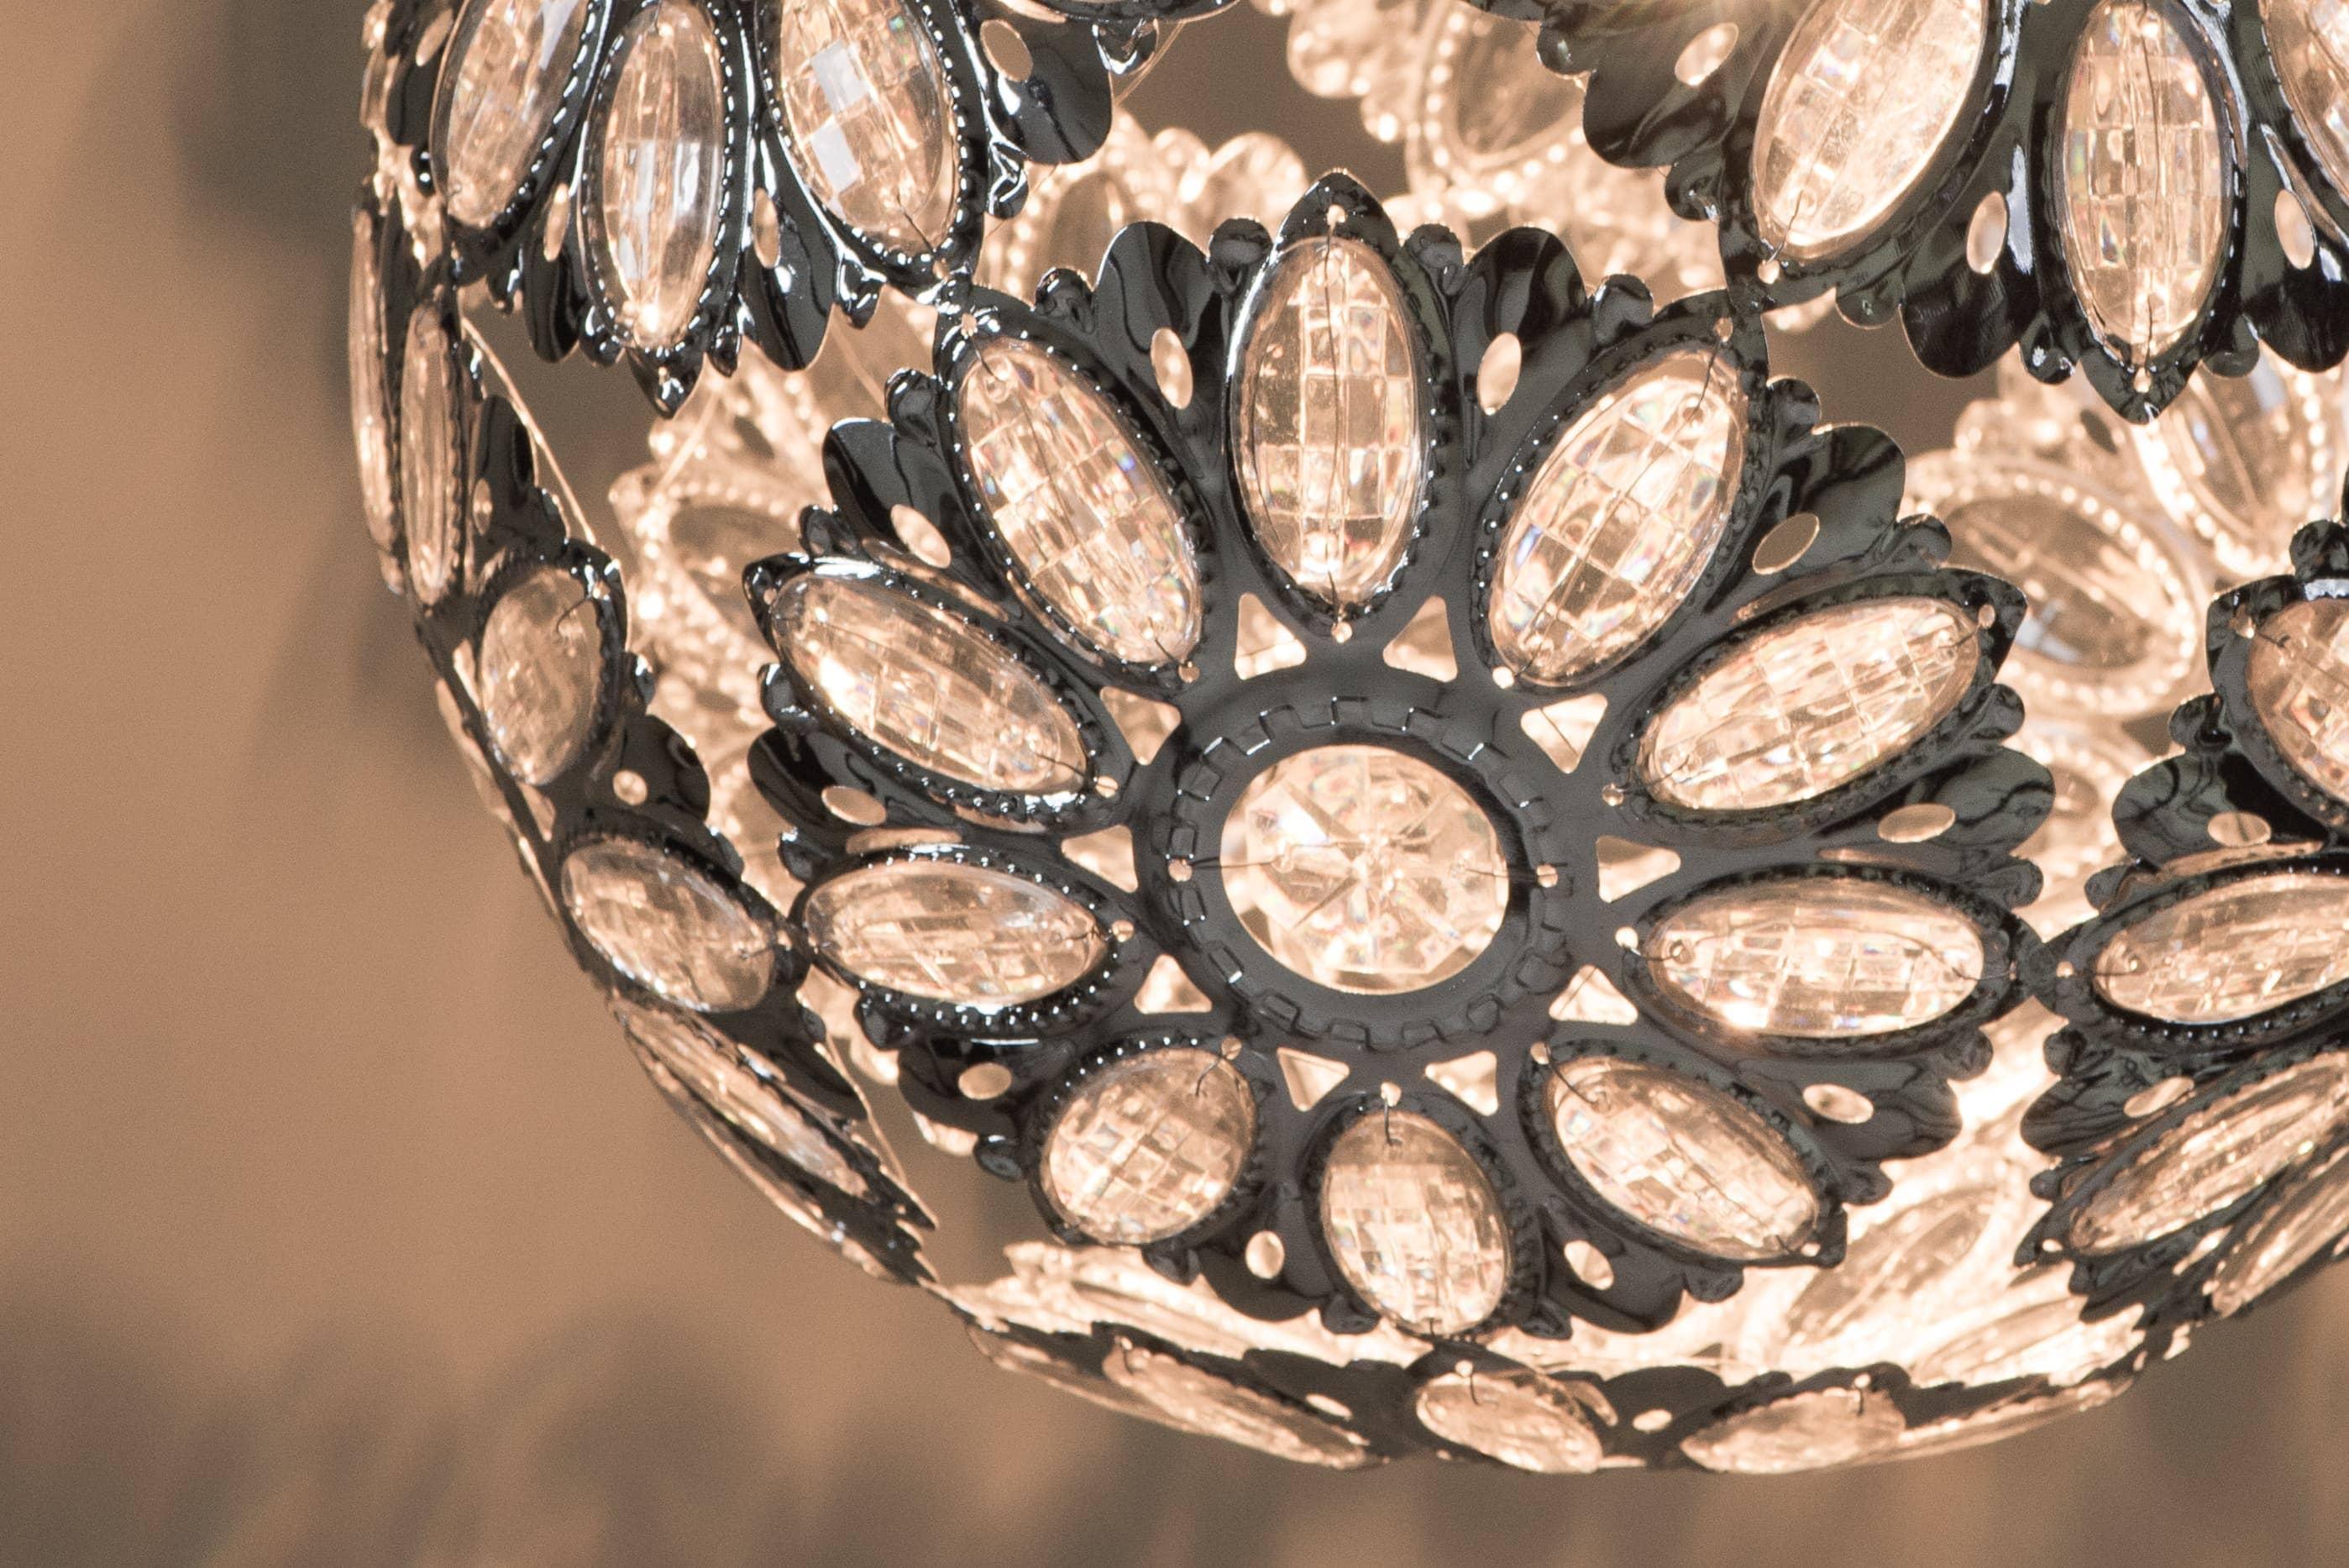 鍍鉻波斯蘭菊吊燈-BNL00086 1